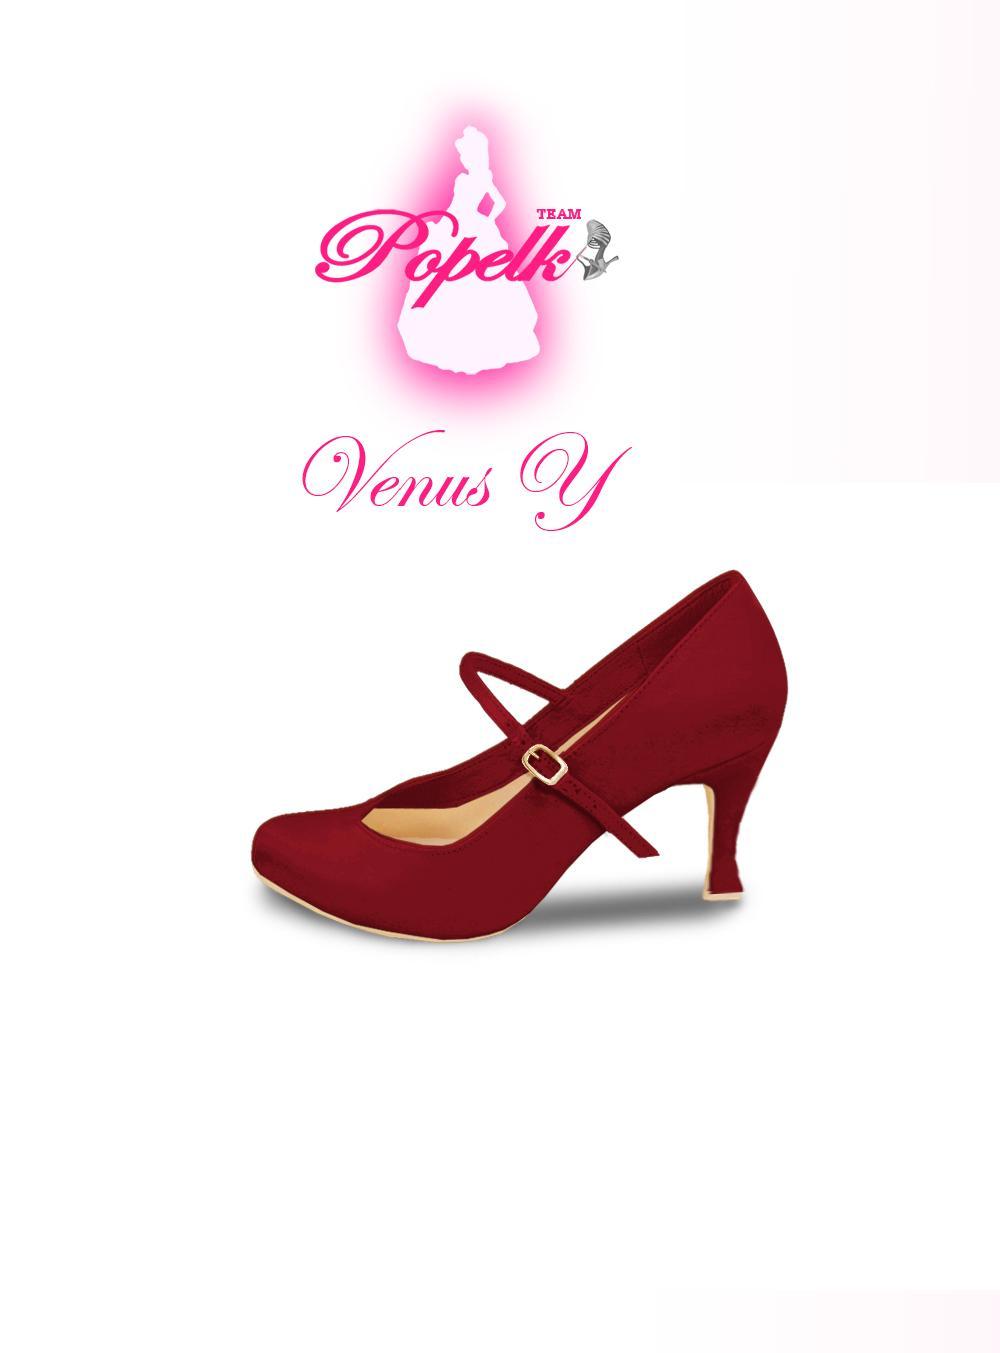 Svadobné topánky s úpravou na želanie - inšpirácie bordó, hnědá, čokoládová - Obrázok č. 52